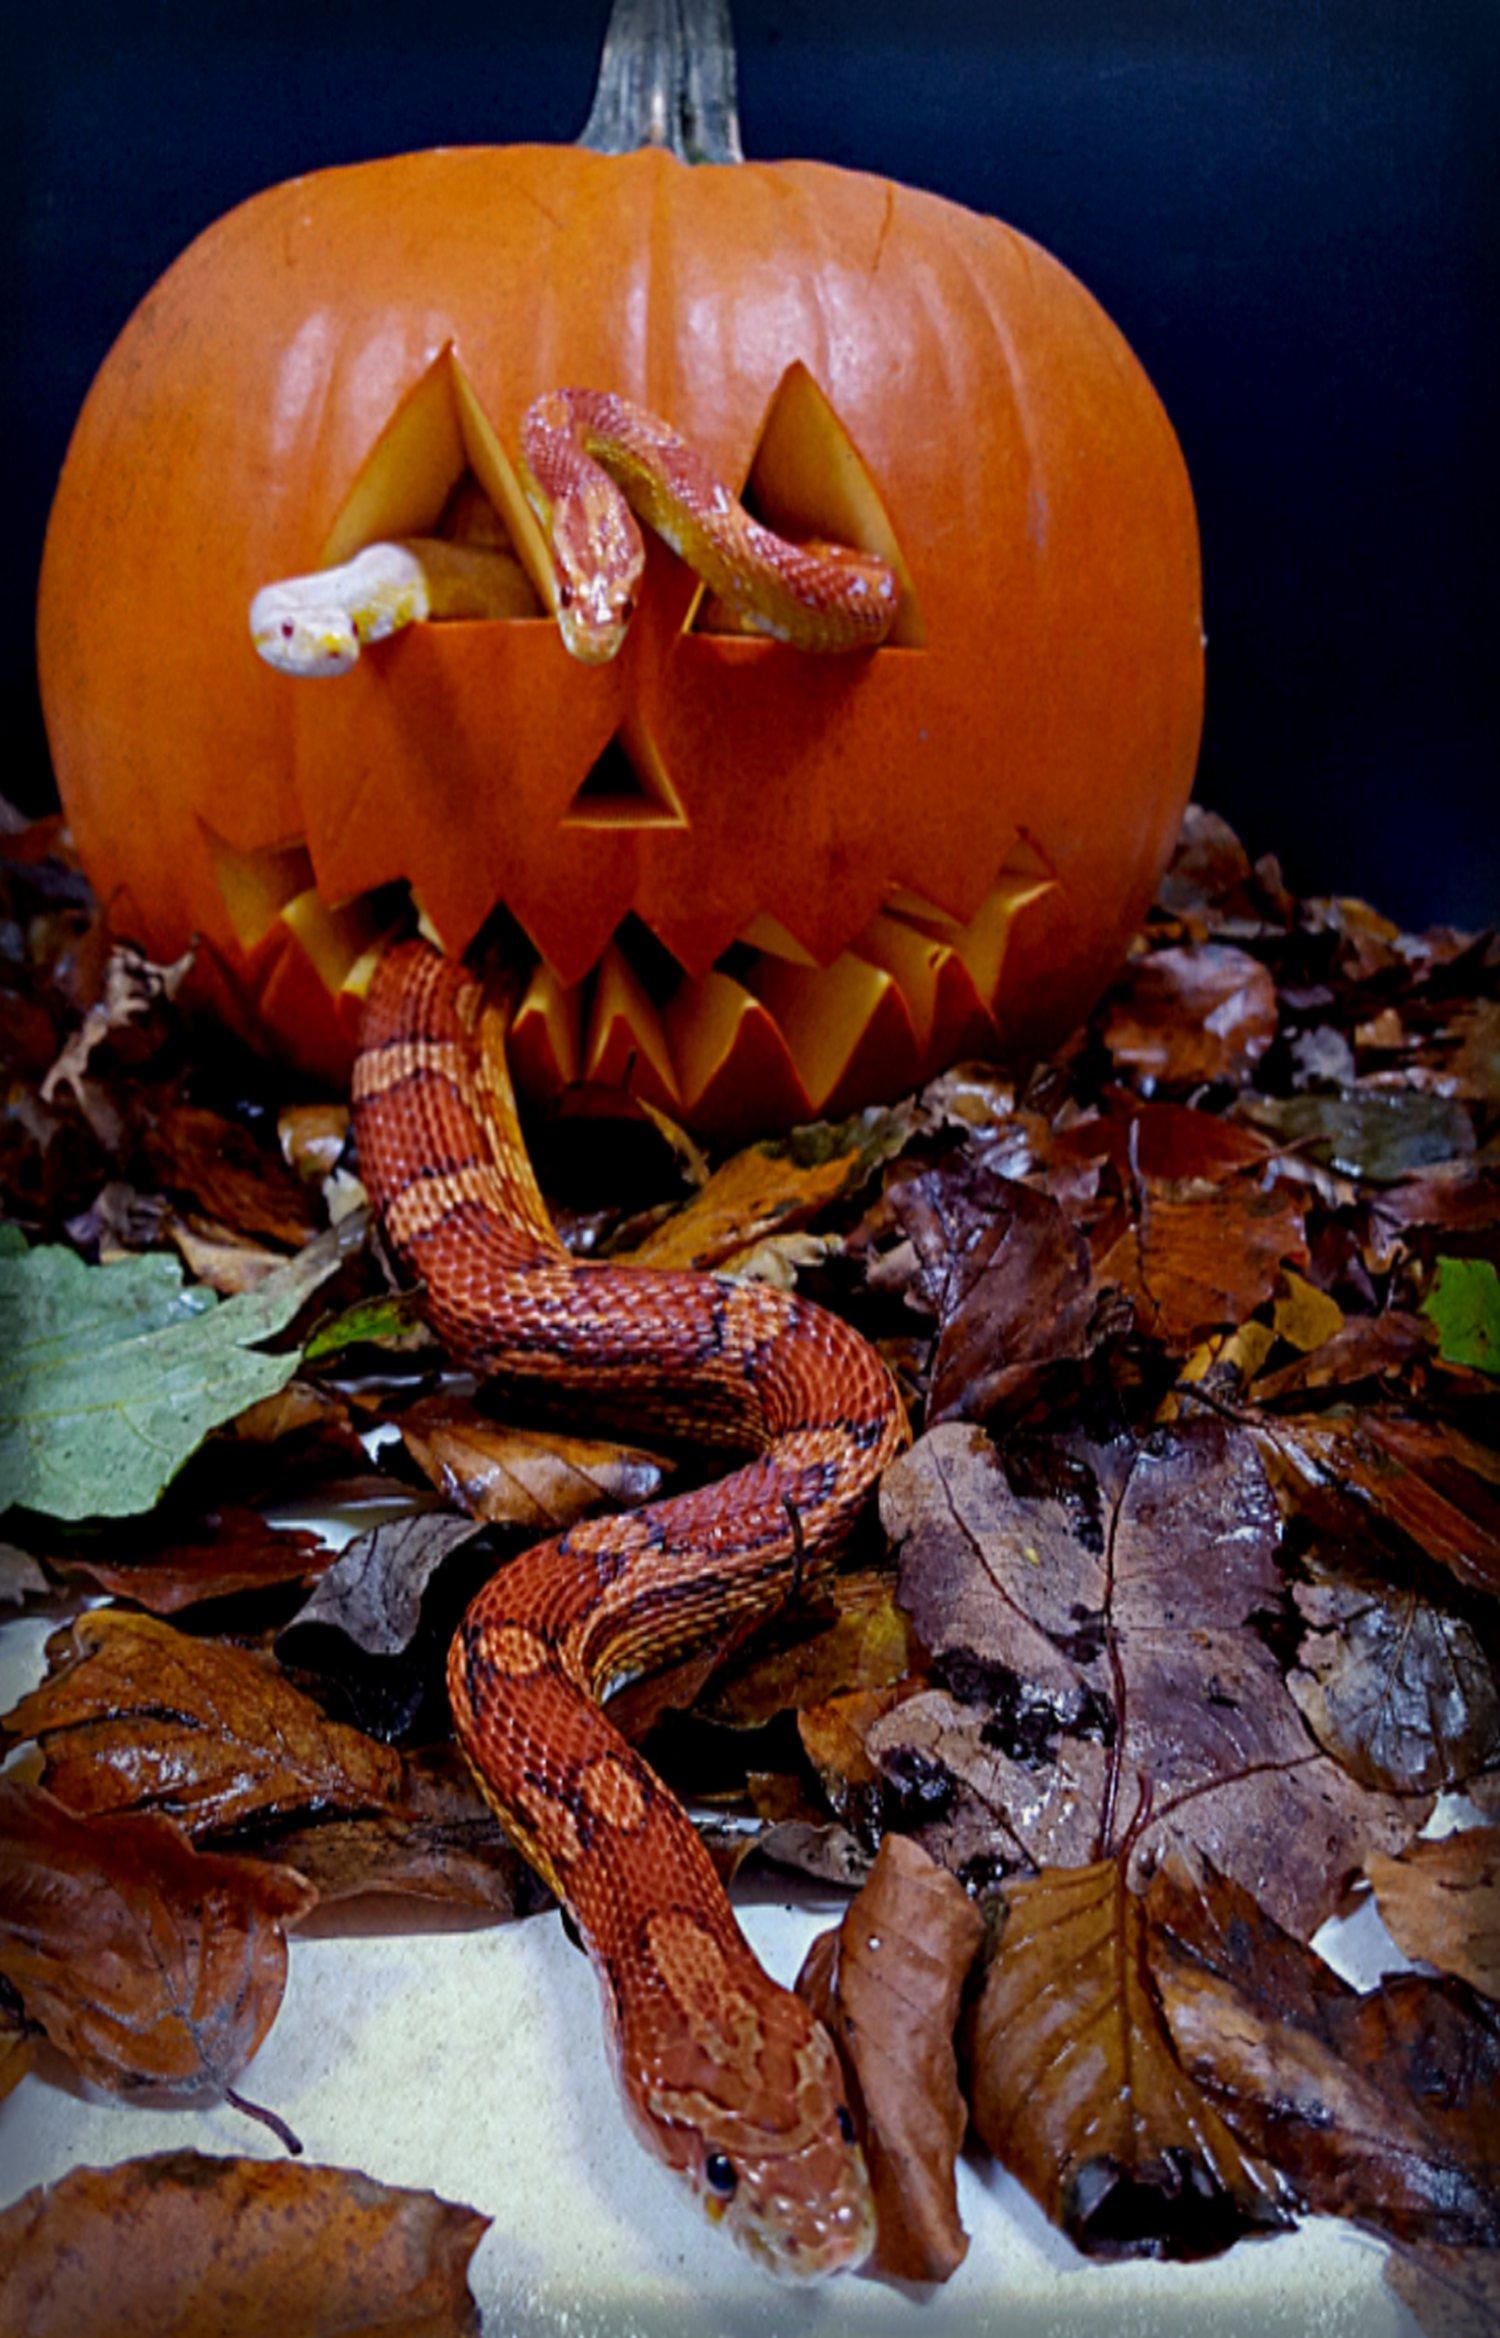 Akvariet har åpent lørdag kveld 29. oktober for Halloween-fest. Foto: Akvariet